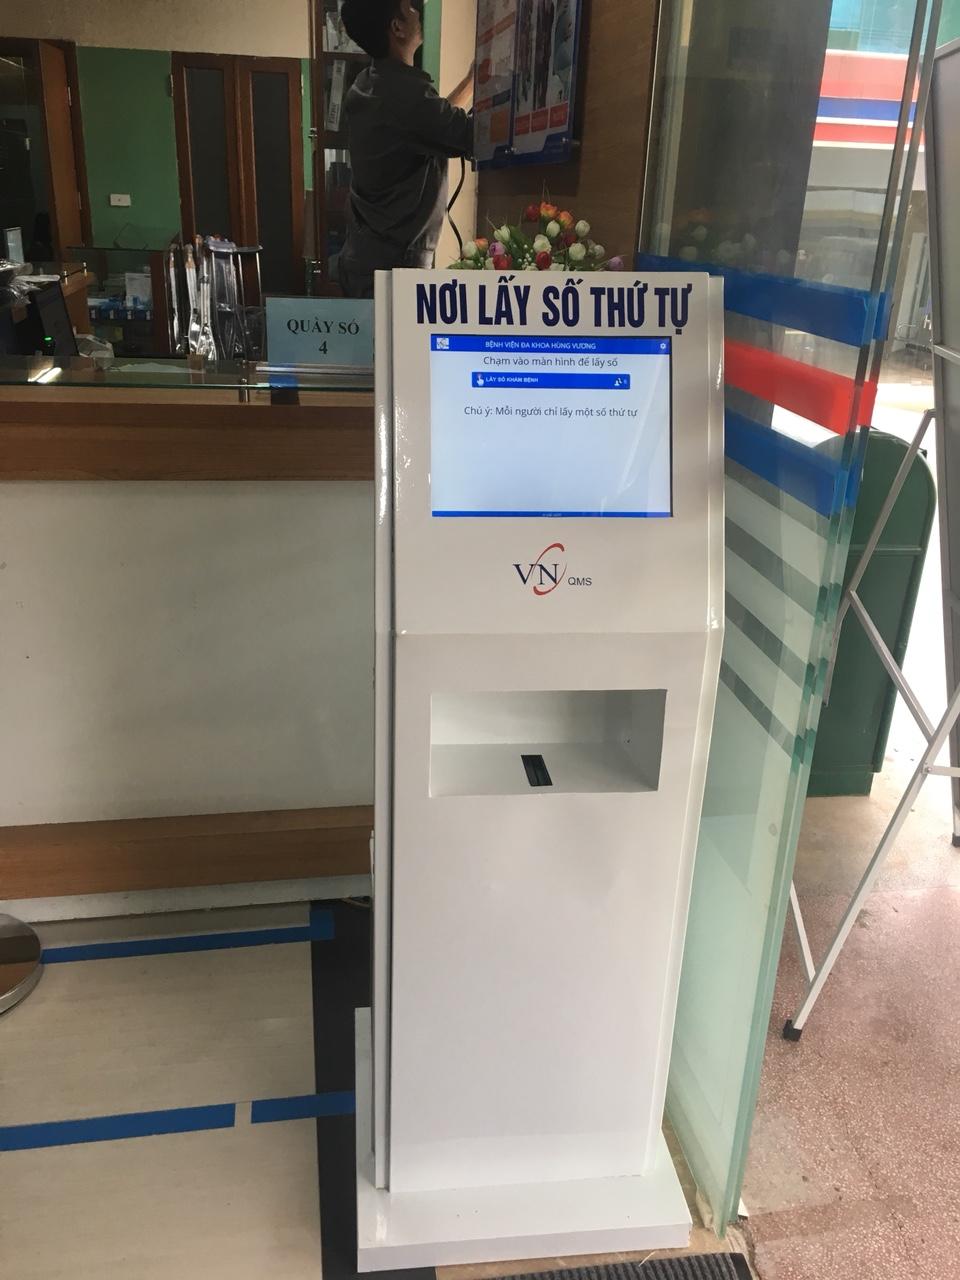 Máy in số thứ tự bằng màn LCD cảm ứng dạng Kiosk sử dụng phần mềm VNC-QMS-SOFT